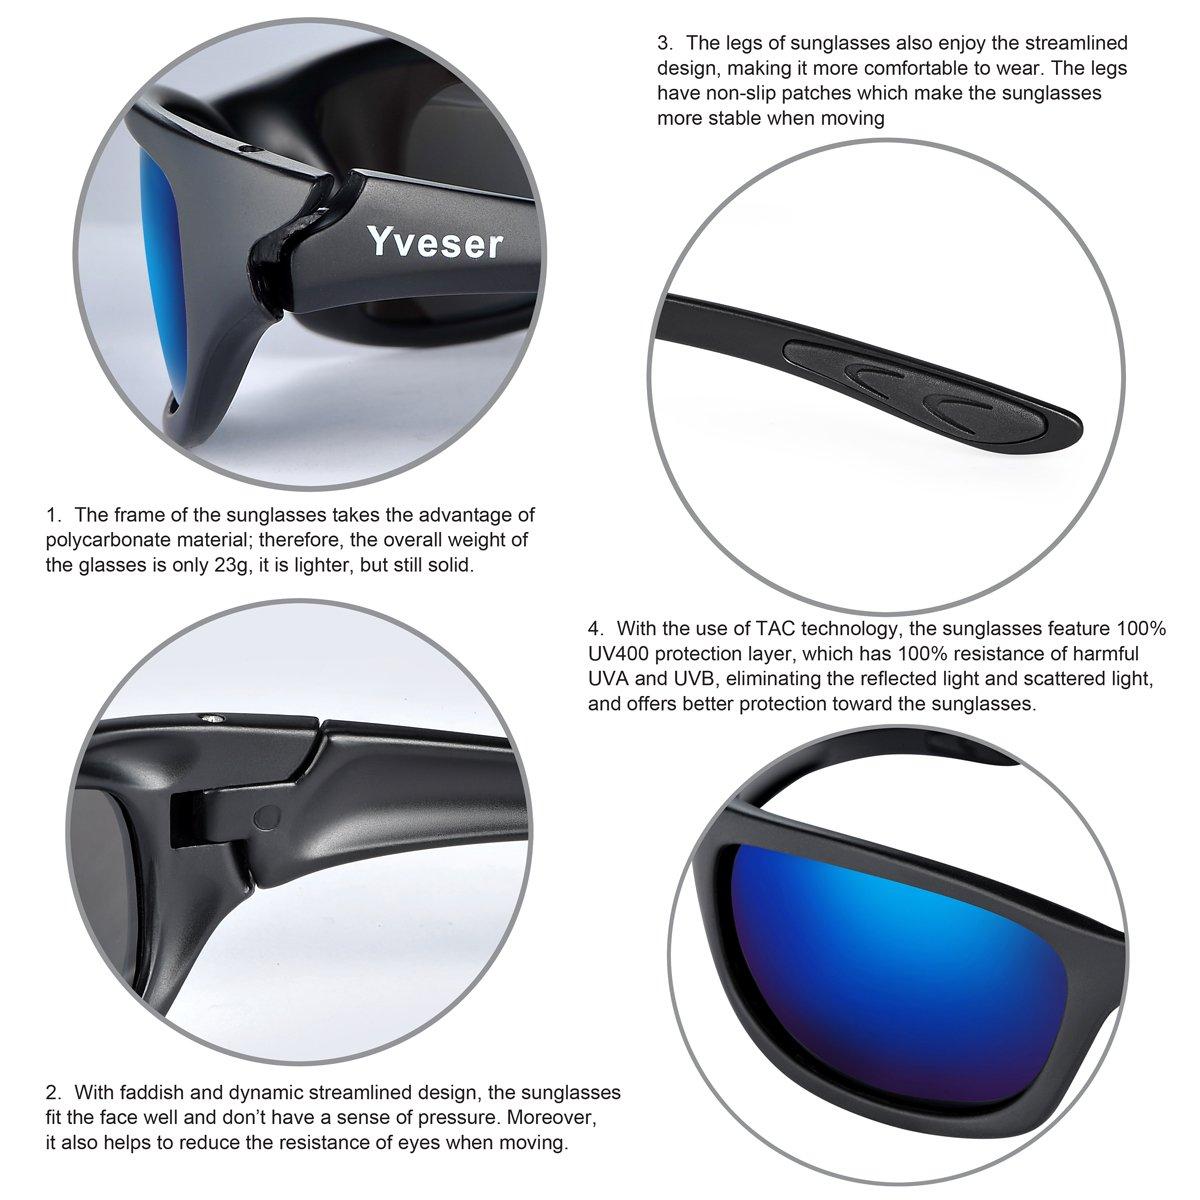 Yveser Lunettes de Soleil Polarisées Pour homme - UV400 pour Sports Baseball Course Cyclisme Pêche Randonnée ski Golf Yv148 (Lentille Noire/Gris Motif Cadre) ewy3z8